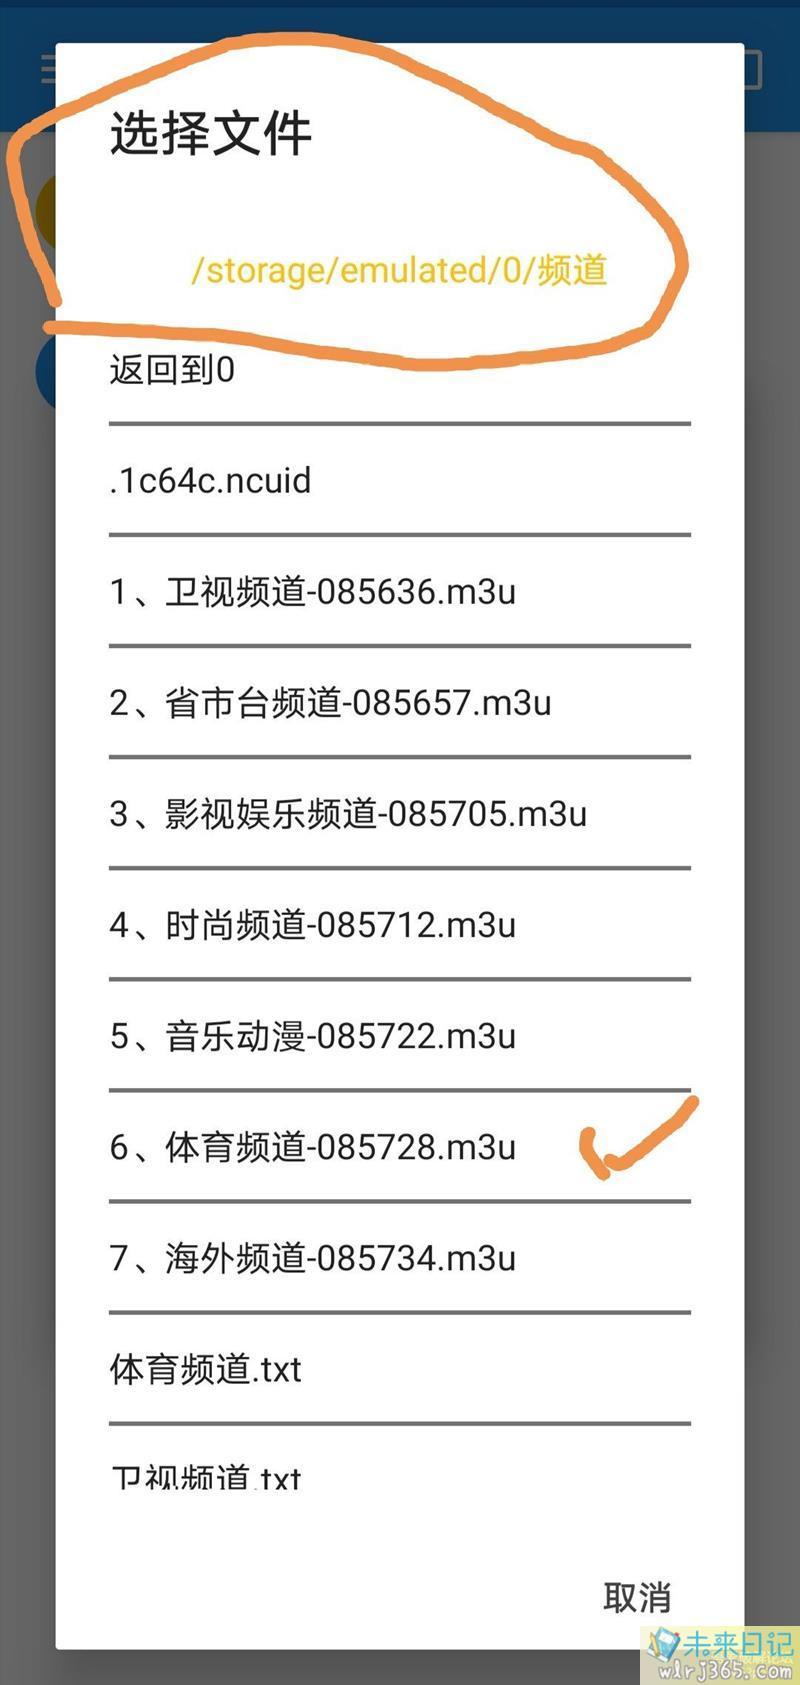 安卓快点投屏v1.5.0.3绿化版,支持投屏各视频网站和百度网盘图片 No.10